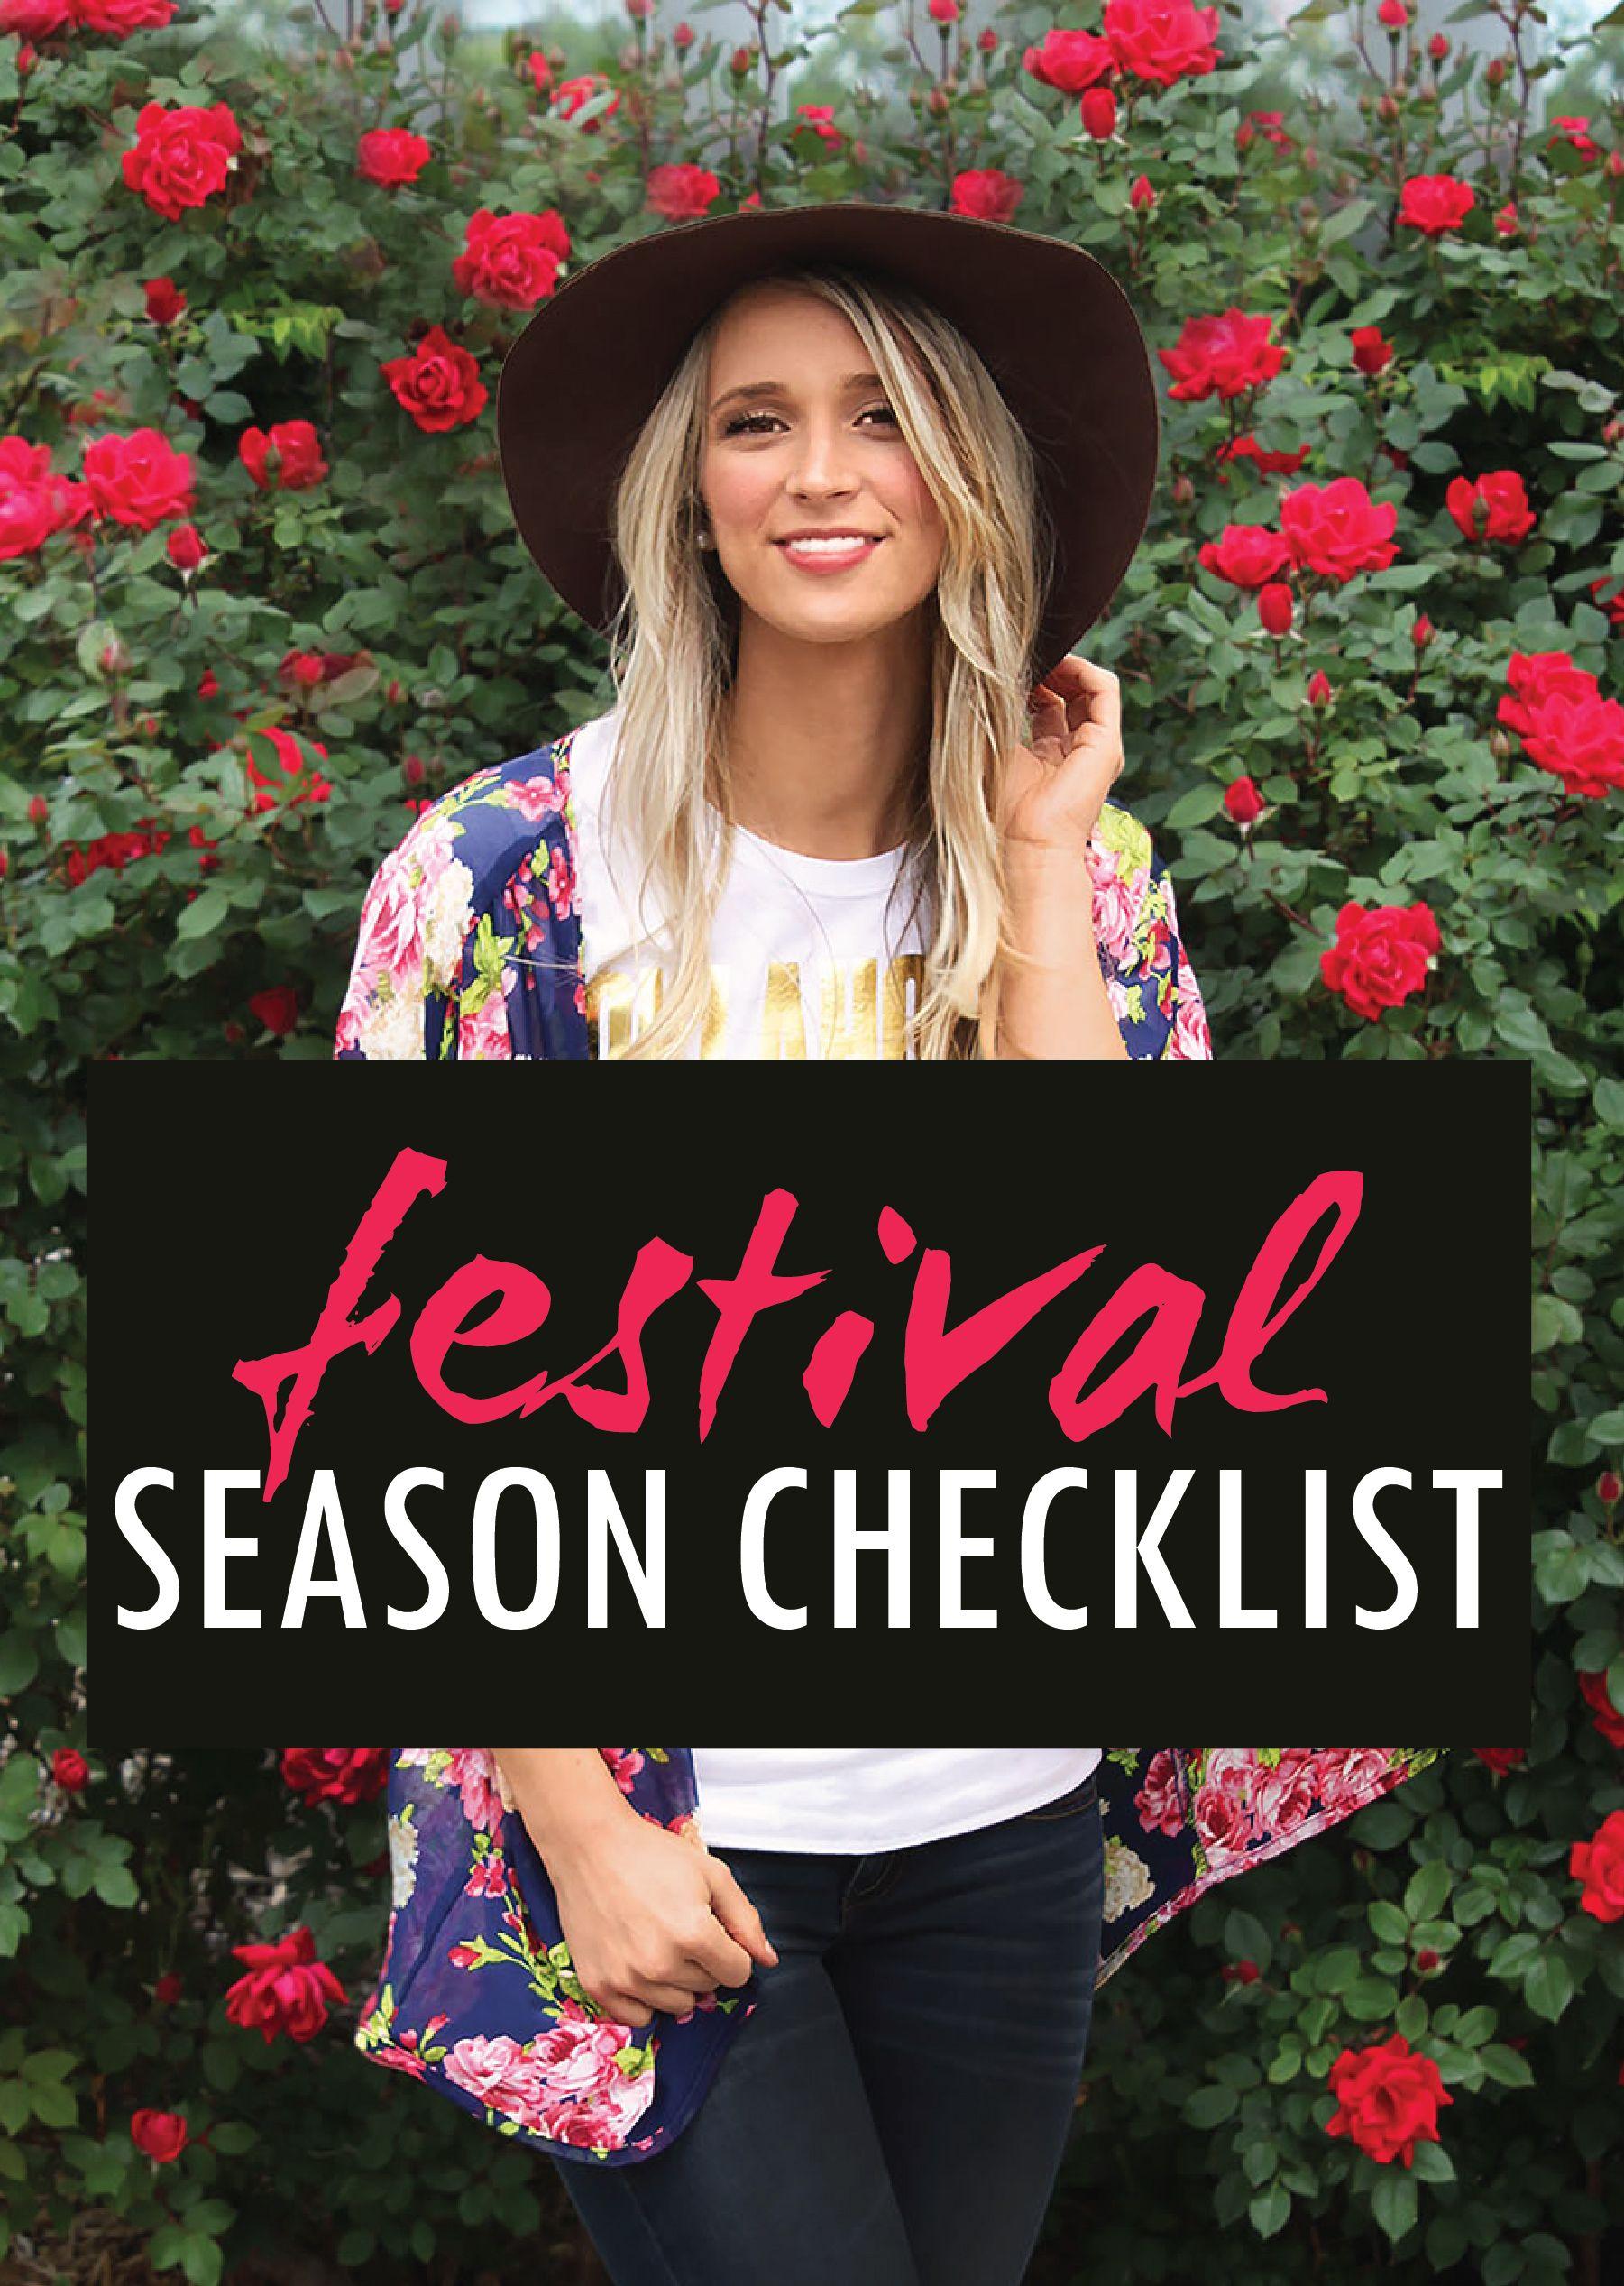 Ultimate Festival Season Checklist